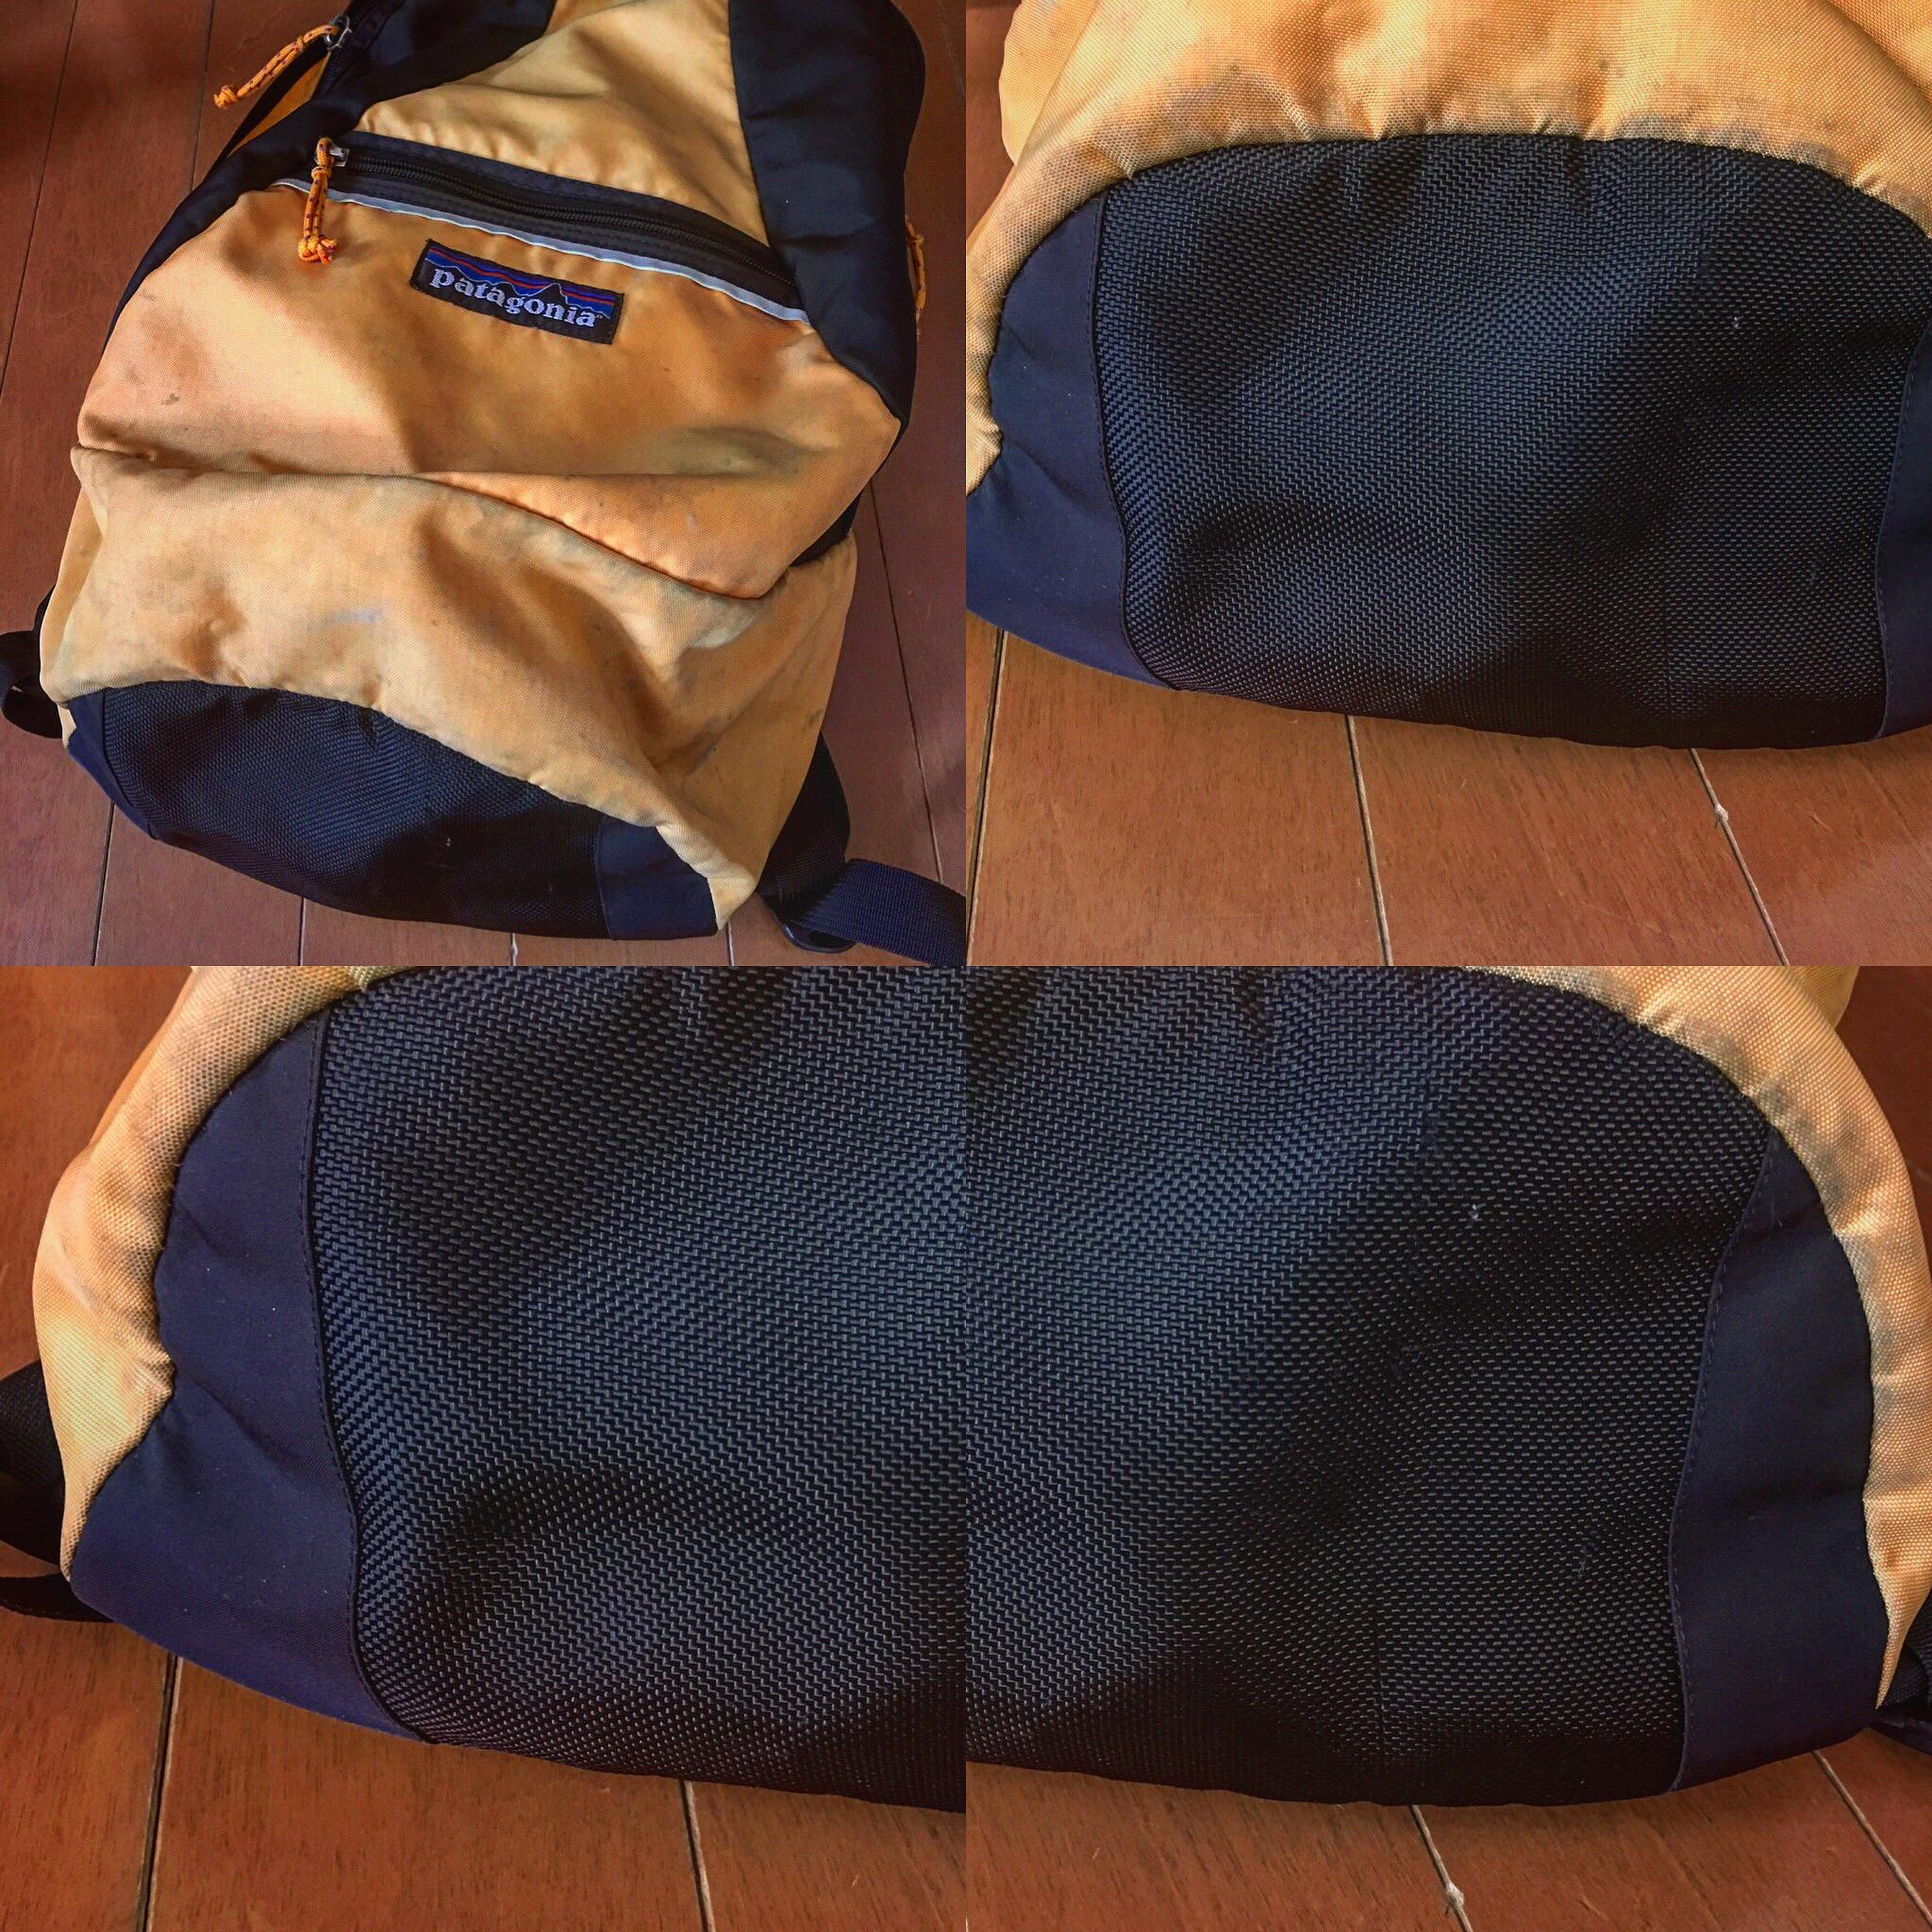 パタゴニア社の使い込んだバッグ、リペア完了!